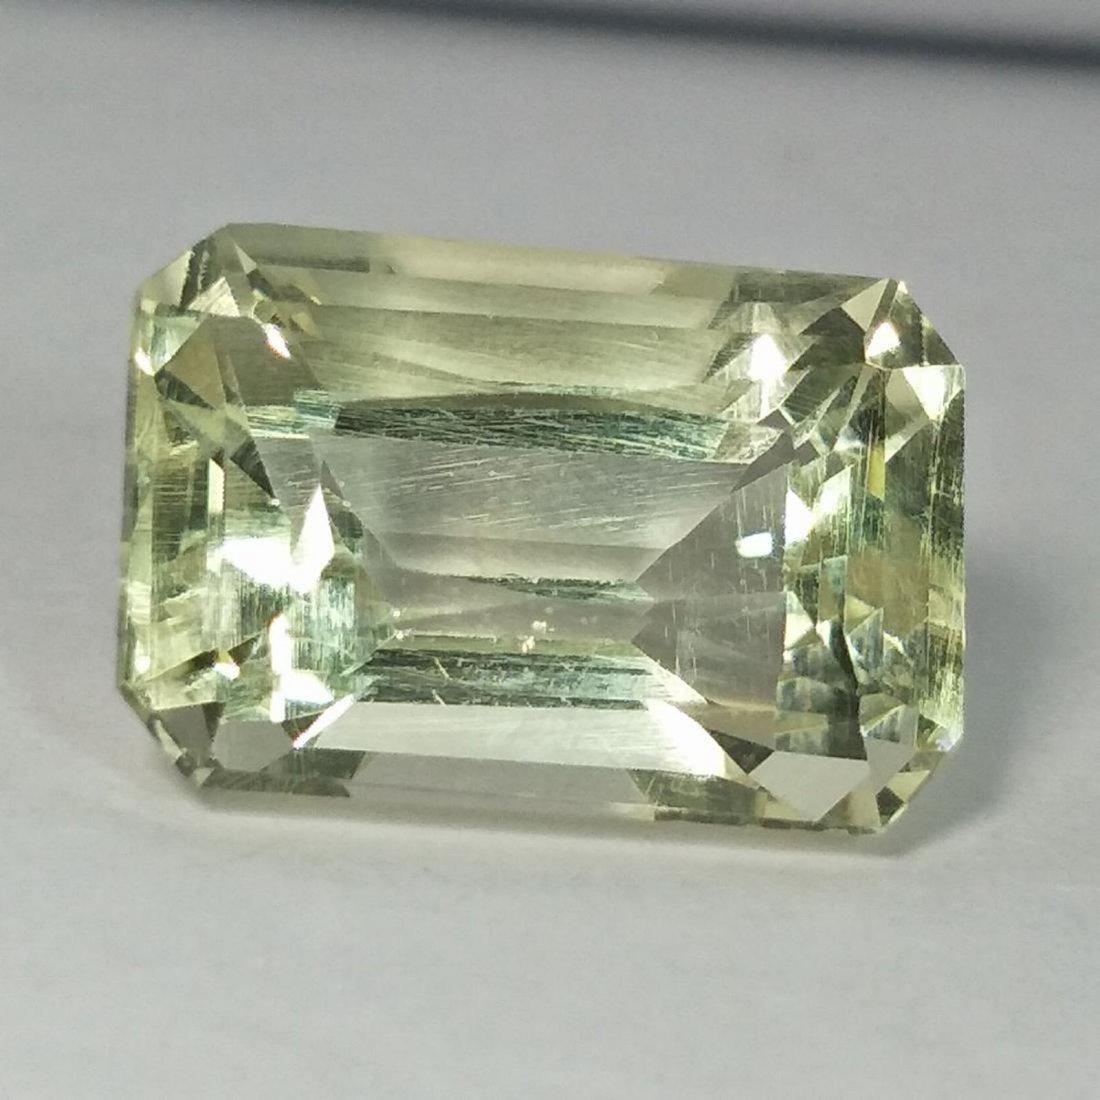 Green Kunzite - 11.51 ct